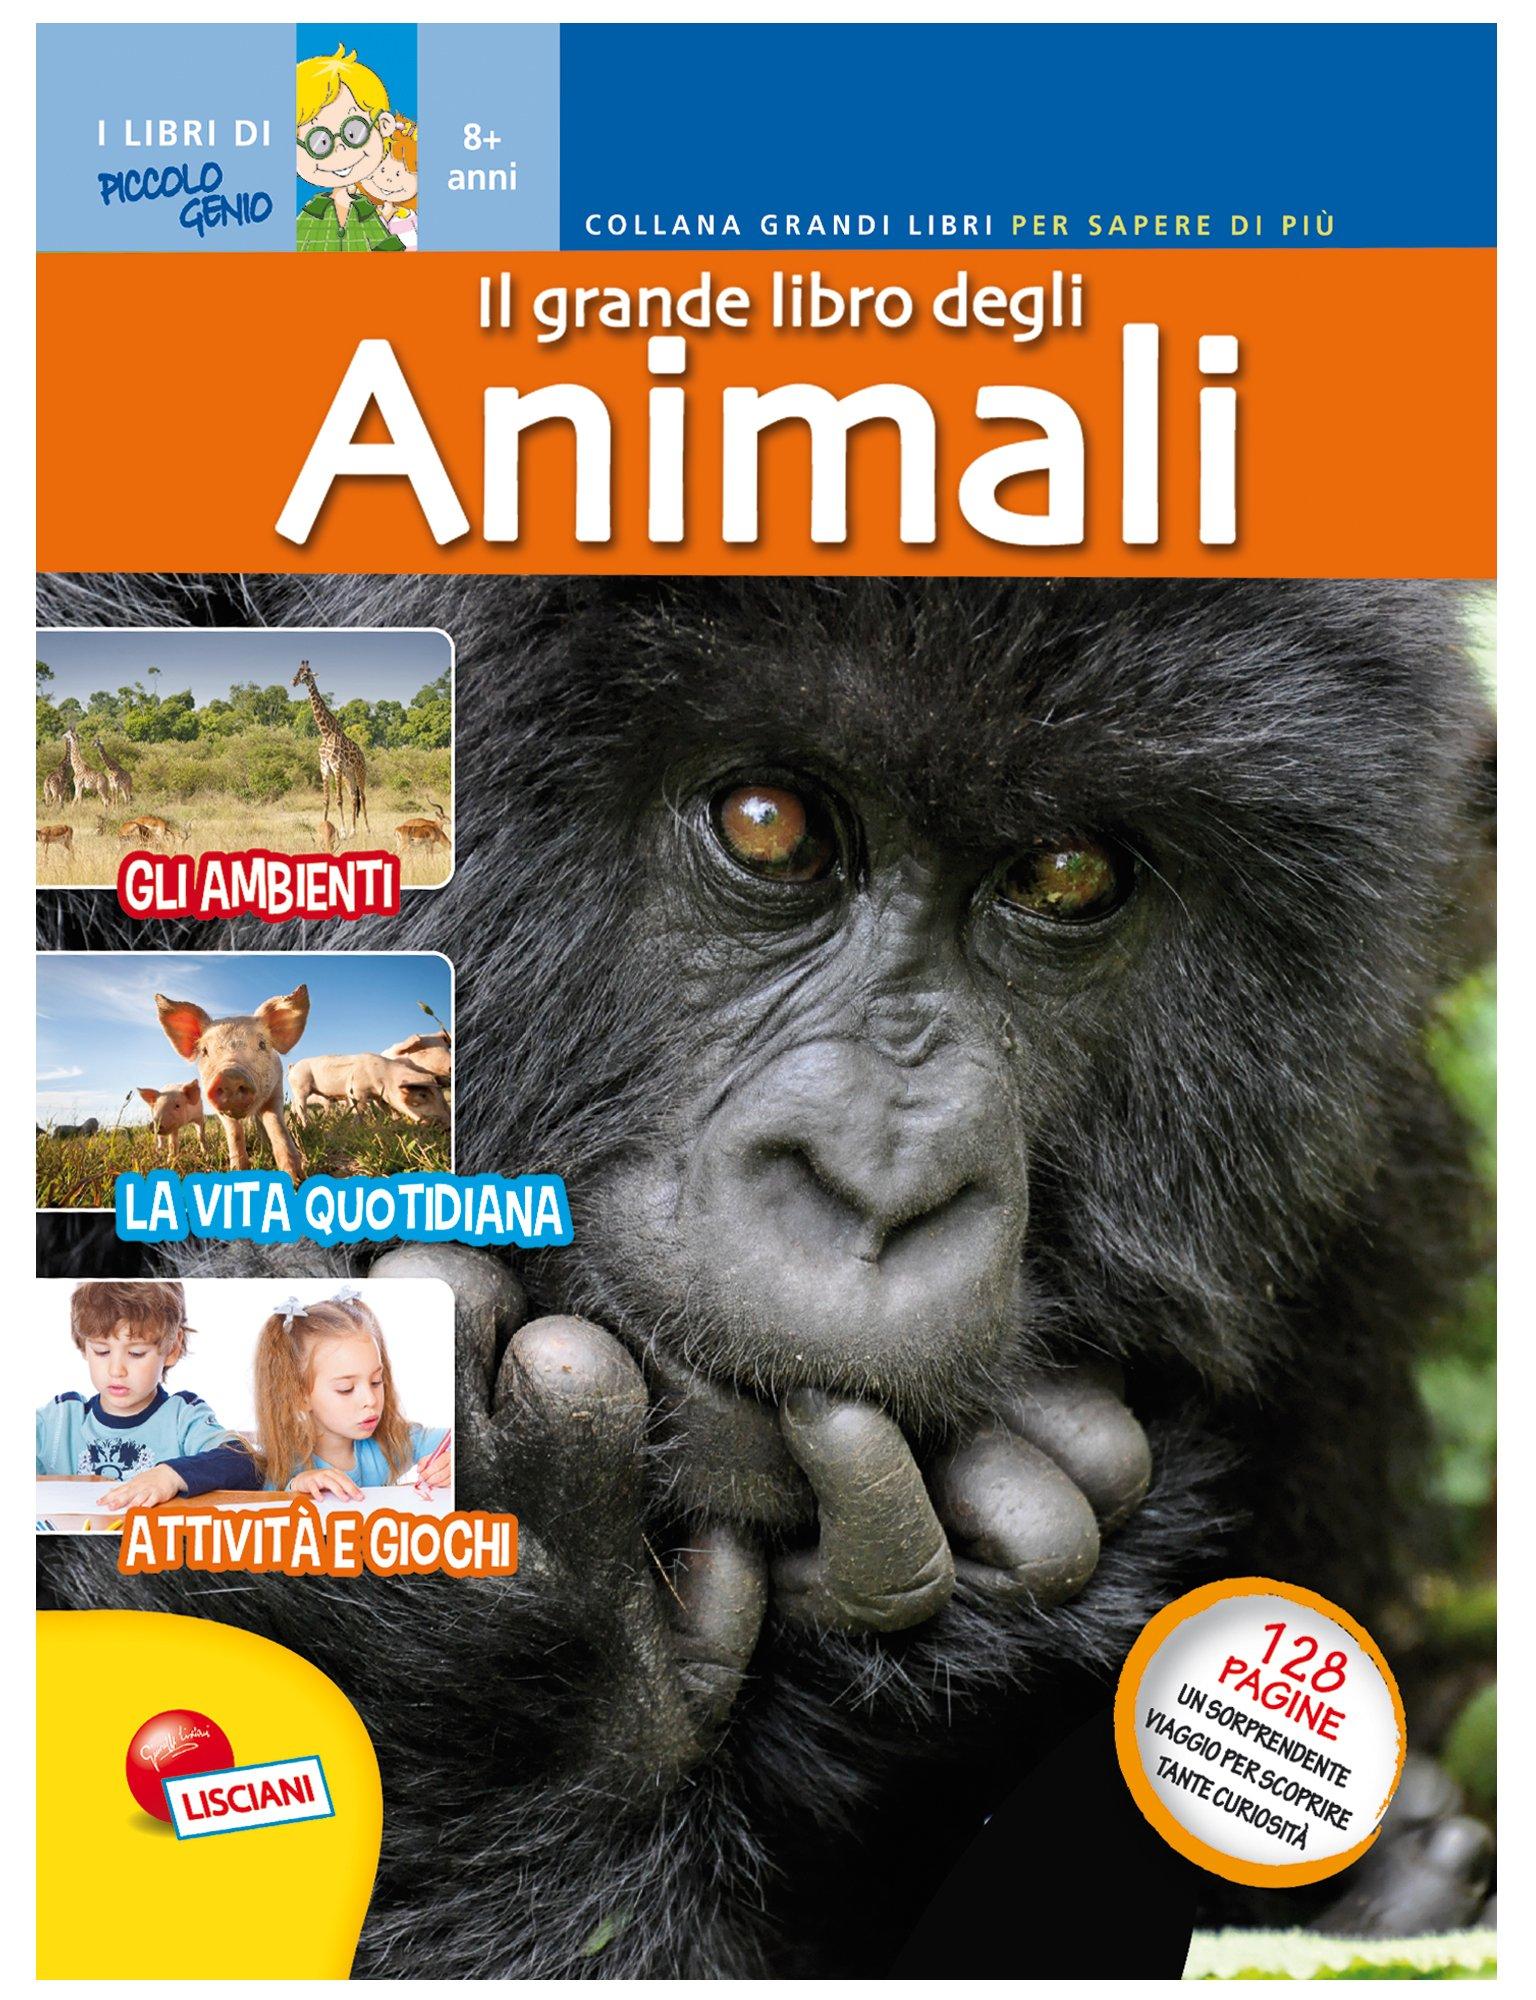 Il mondo degli animali. Grandi libri per sapere di più Copertina rigida – 15 ott 2014 Aa.Vv. Liscianigiochi 8874306806 Età: a partire dai 7 anni